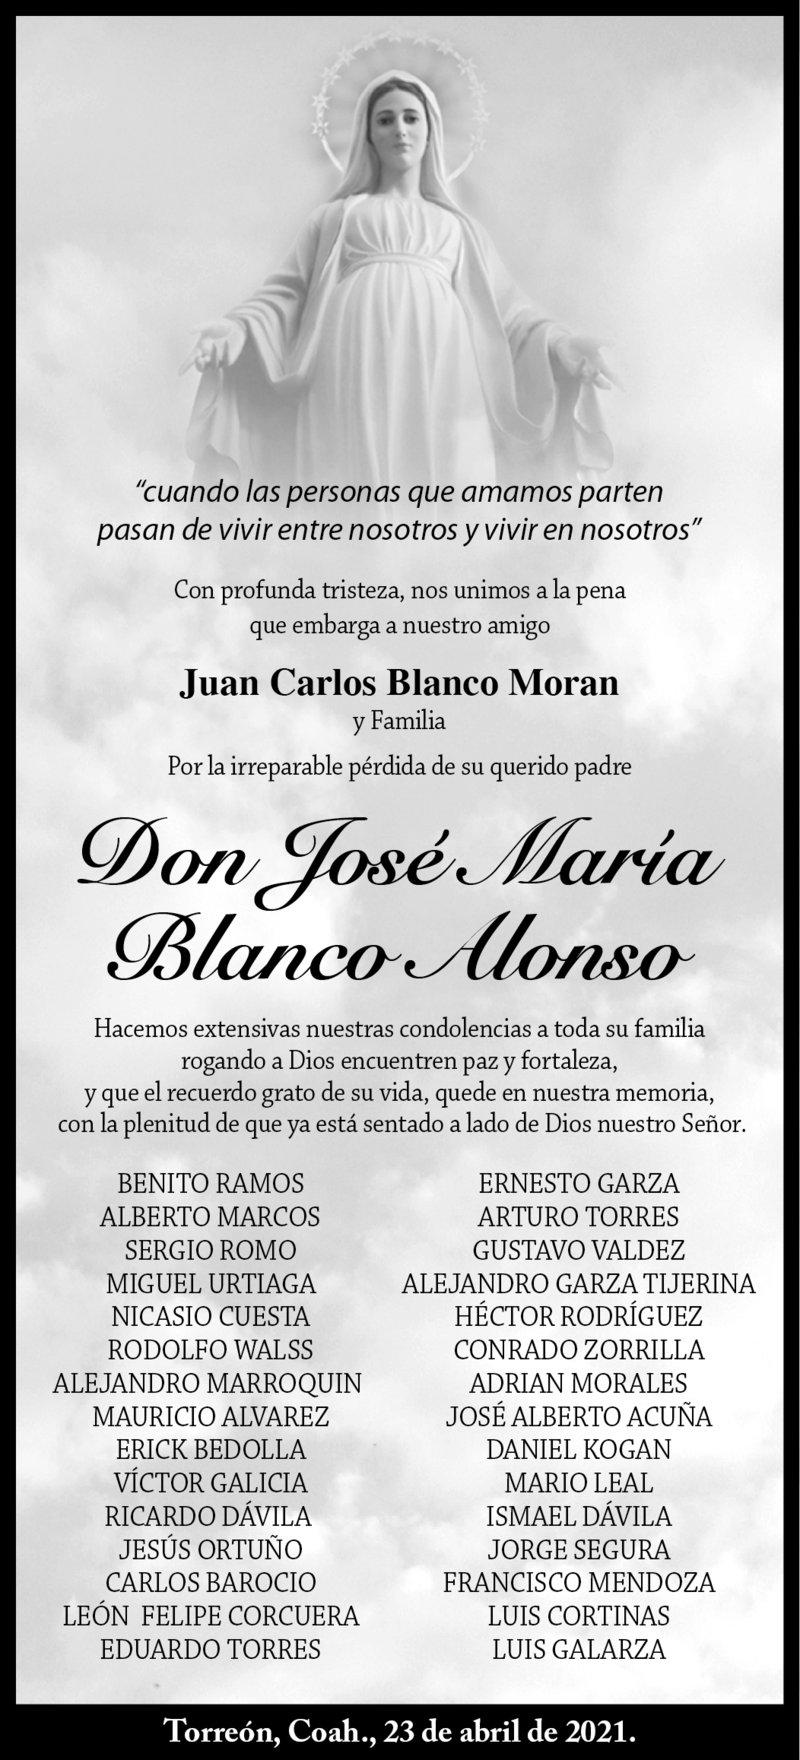 CONDOLENCIA: DON JOSÉ MARÍA BLANCO ALONSO. Amigos de Juan Carlos Blanco Moran y Familia, lamentan el fallecimiento de Don José María Blanco Alonso. Descanse en paz.